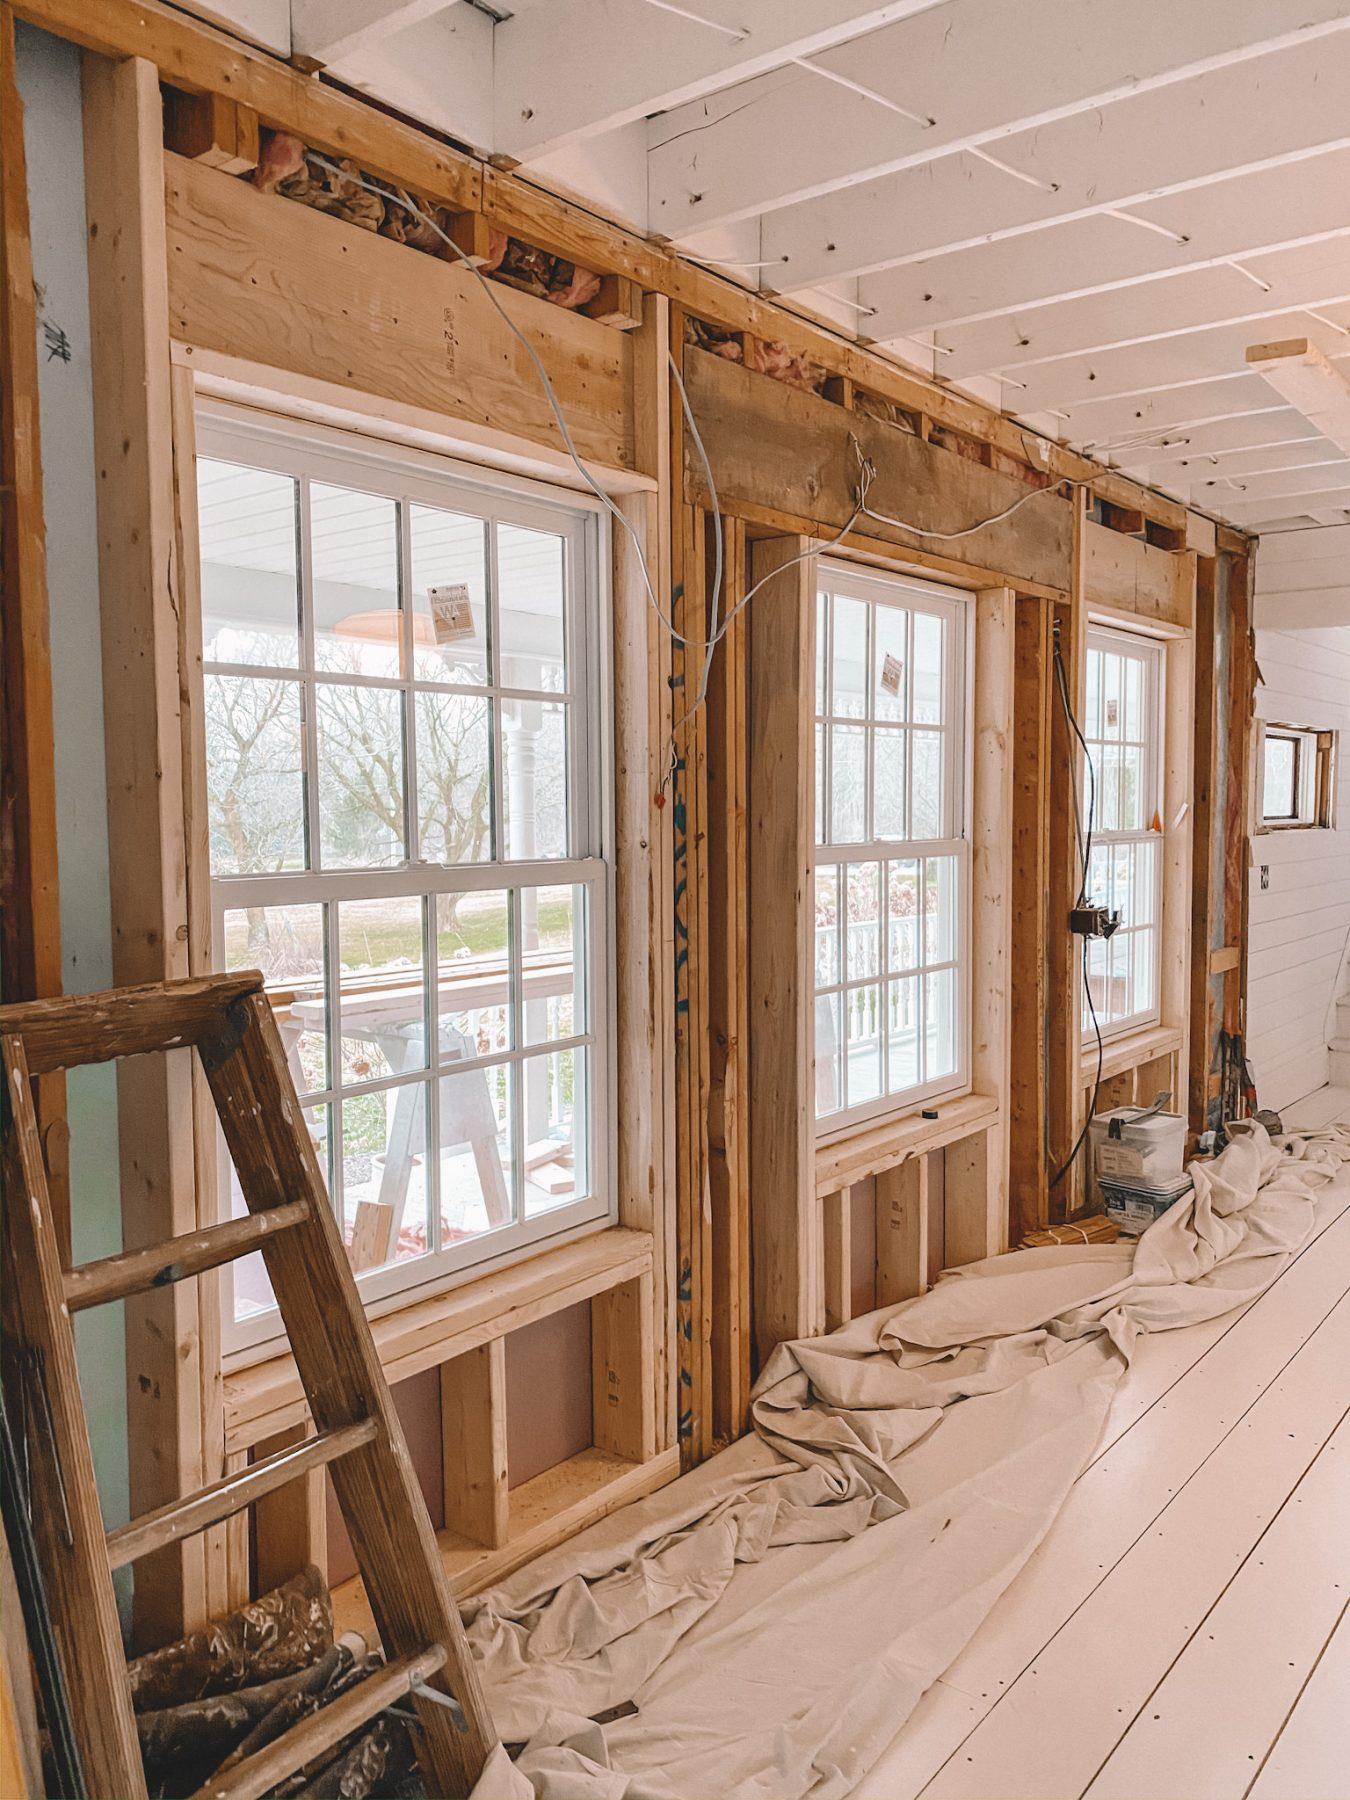 New Windows On The Farm